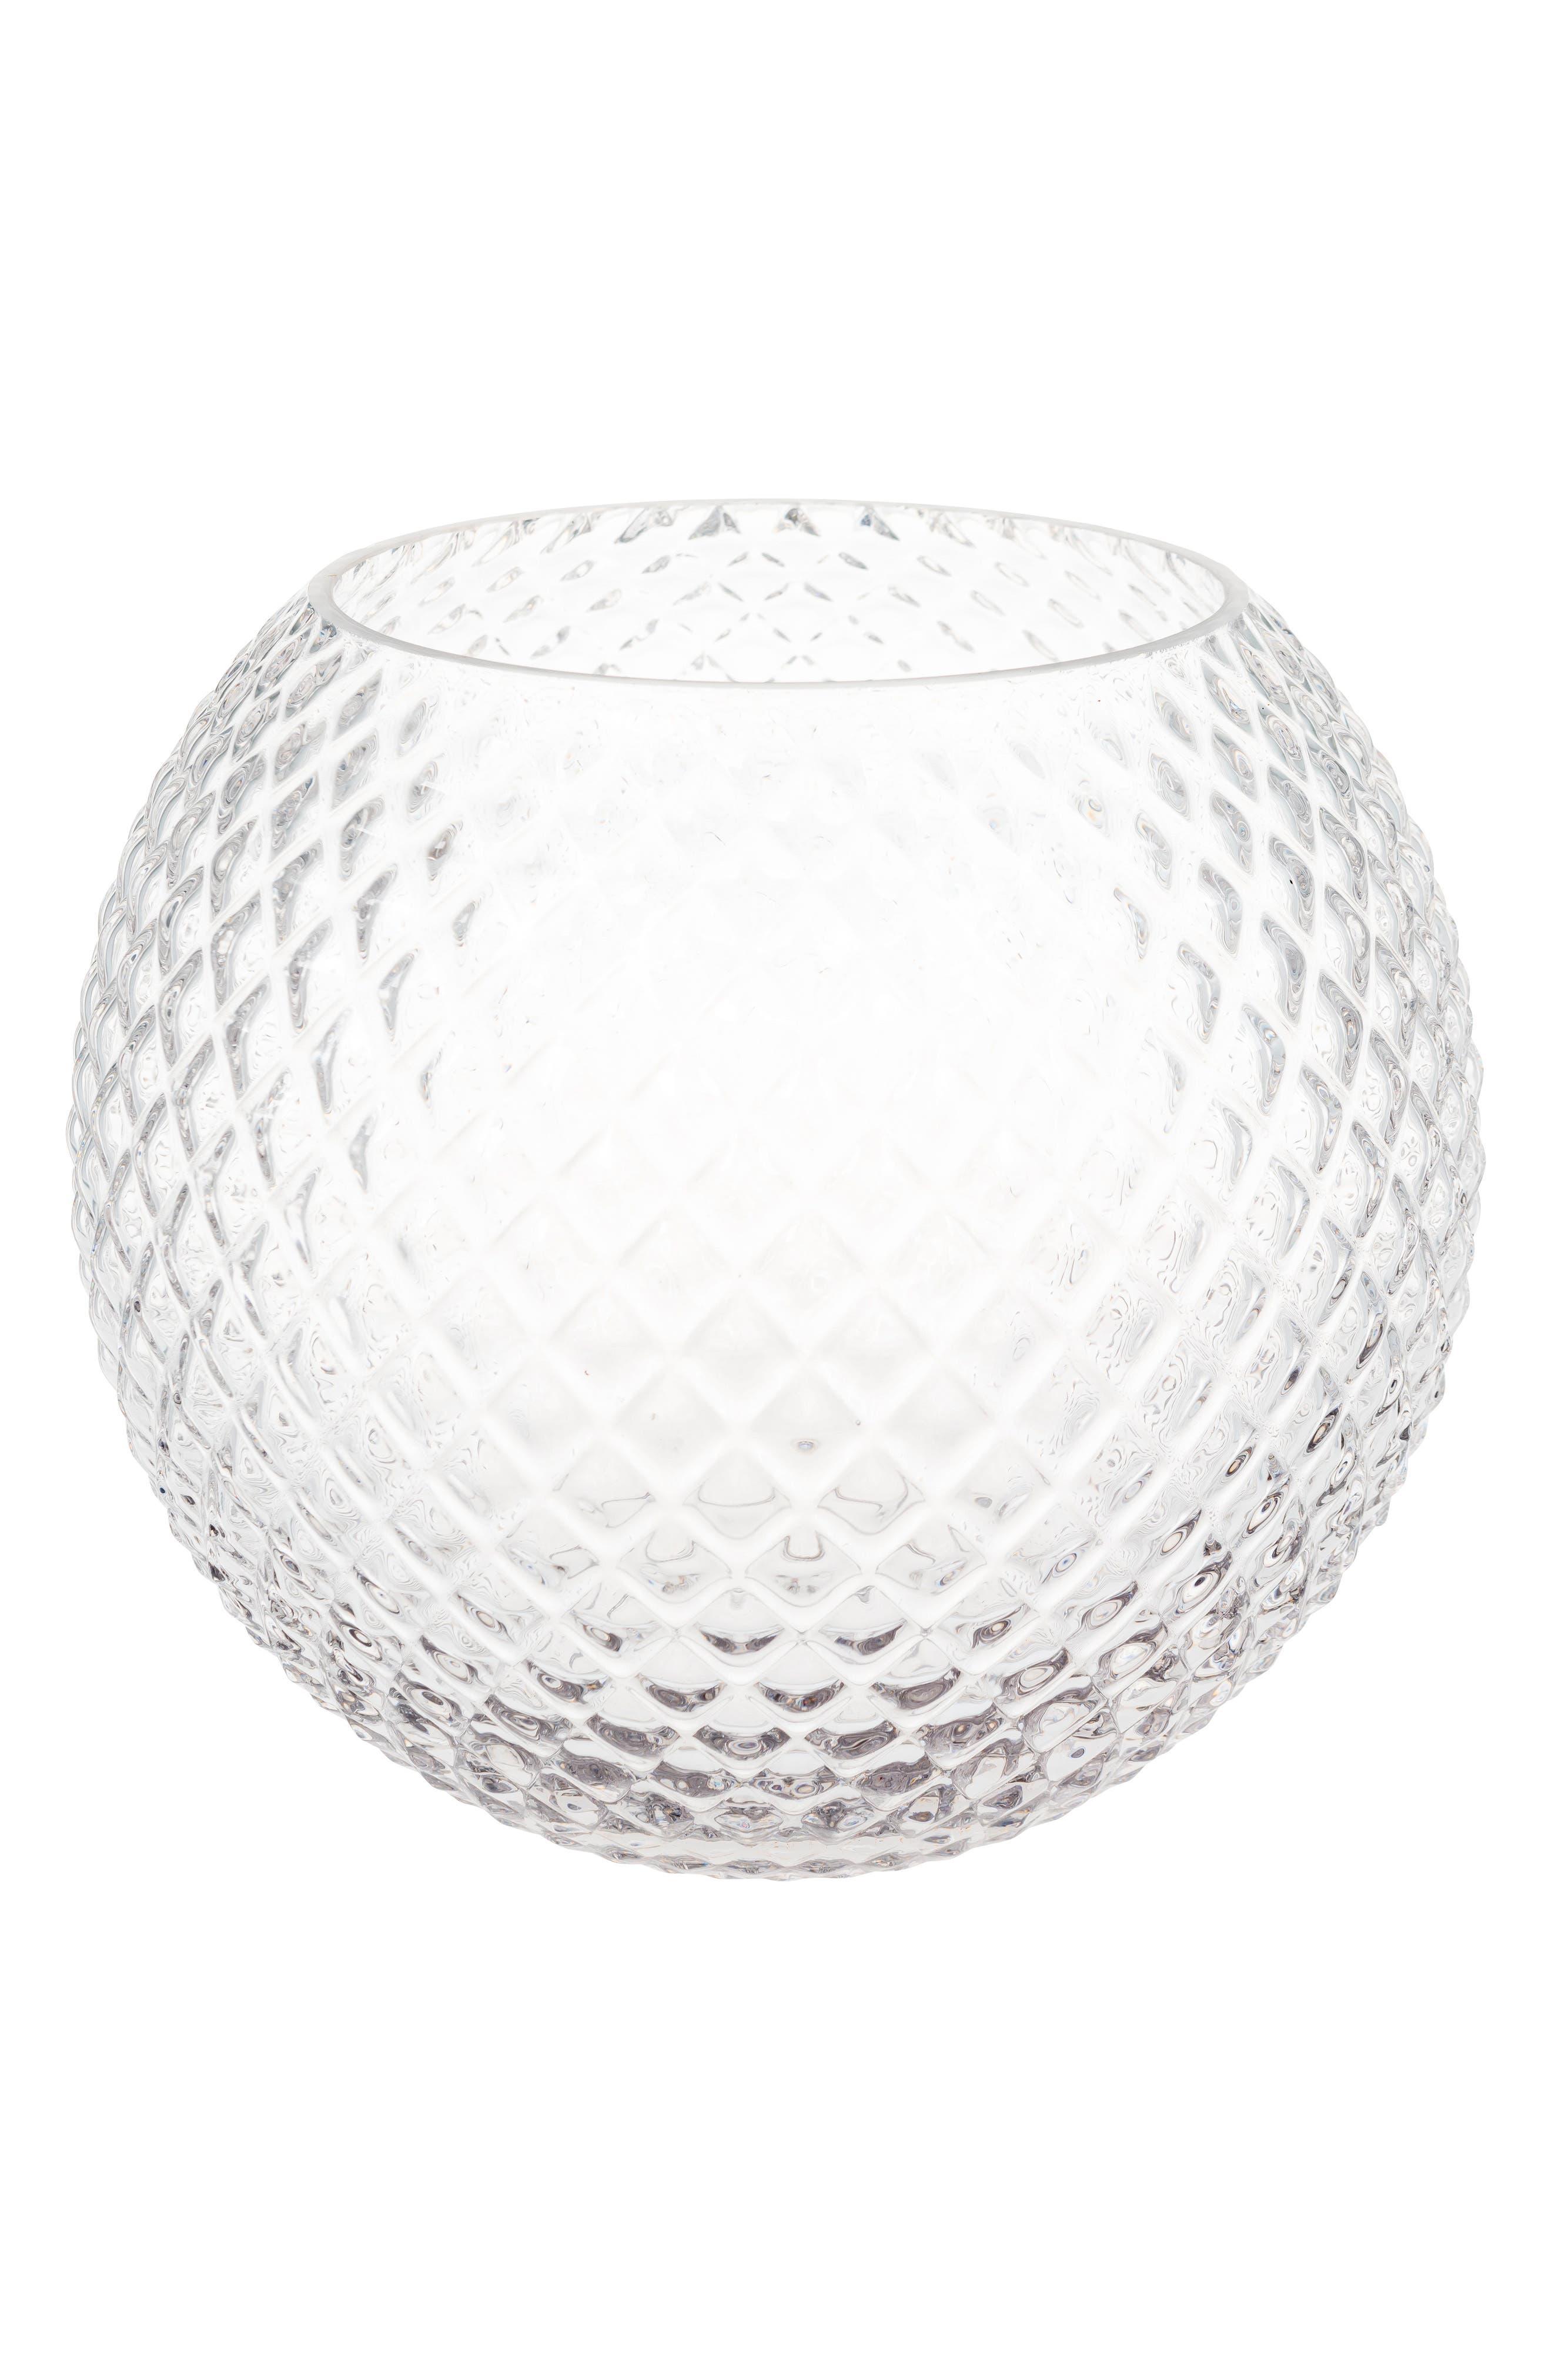 Ilse Glass Vase,                             Main thumbnail 1, color,                             Clear